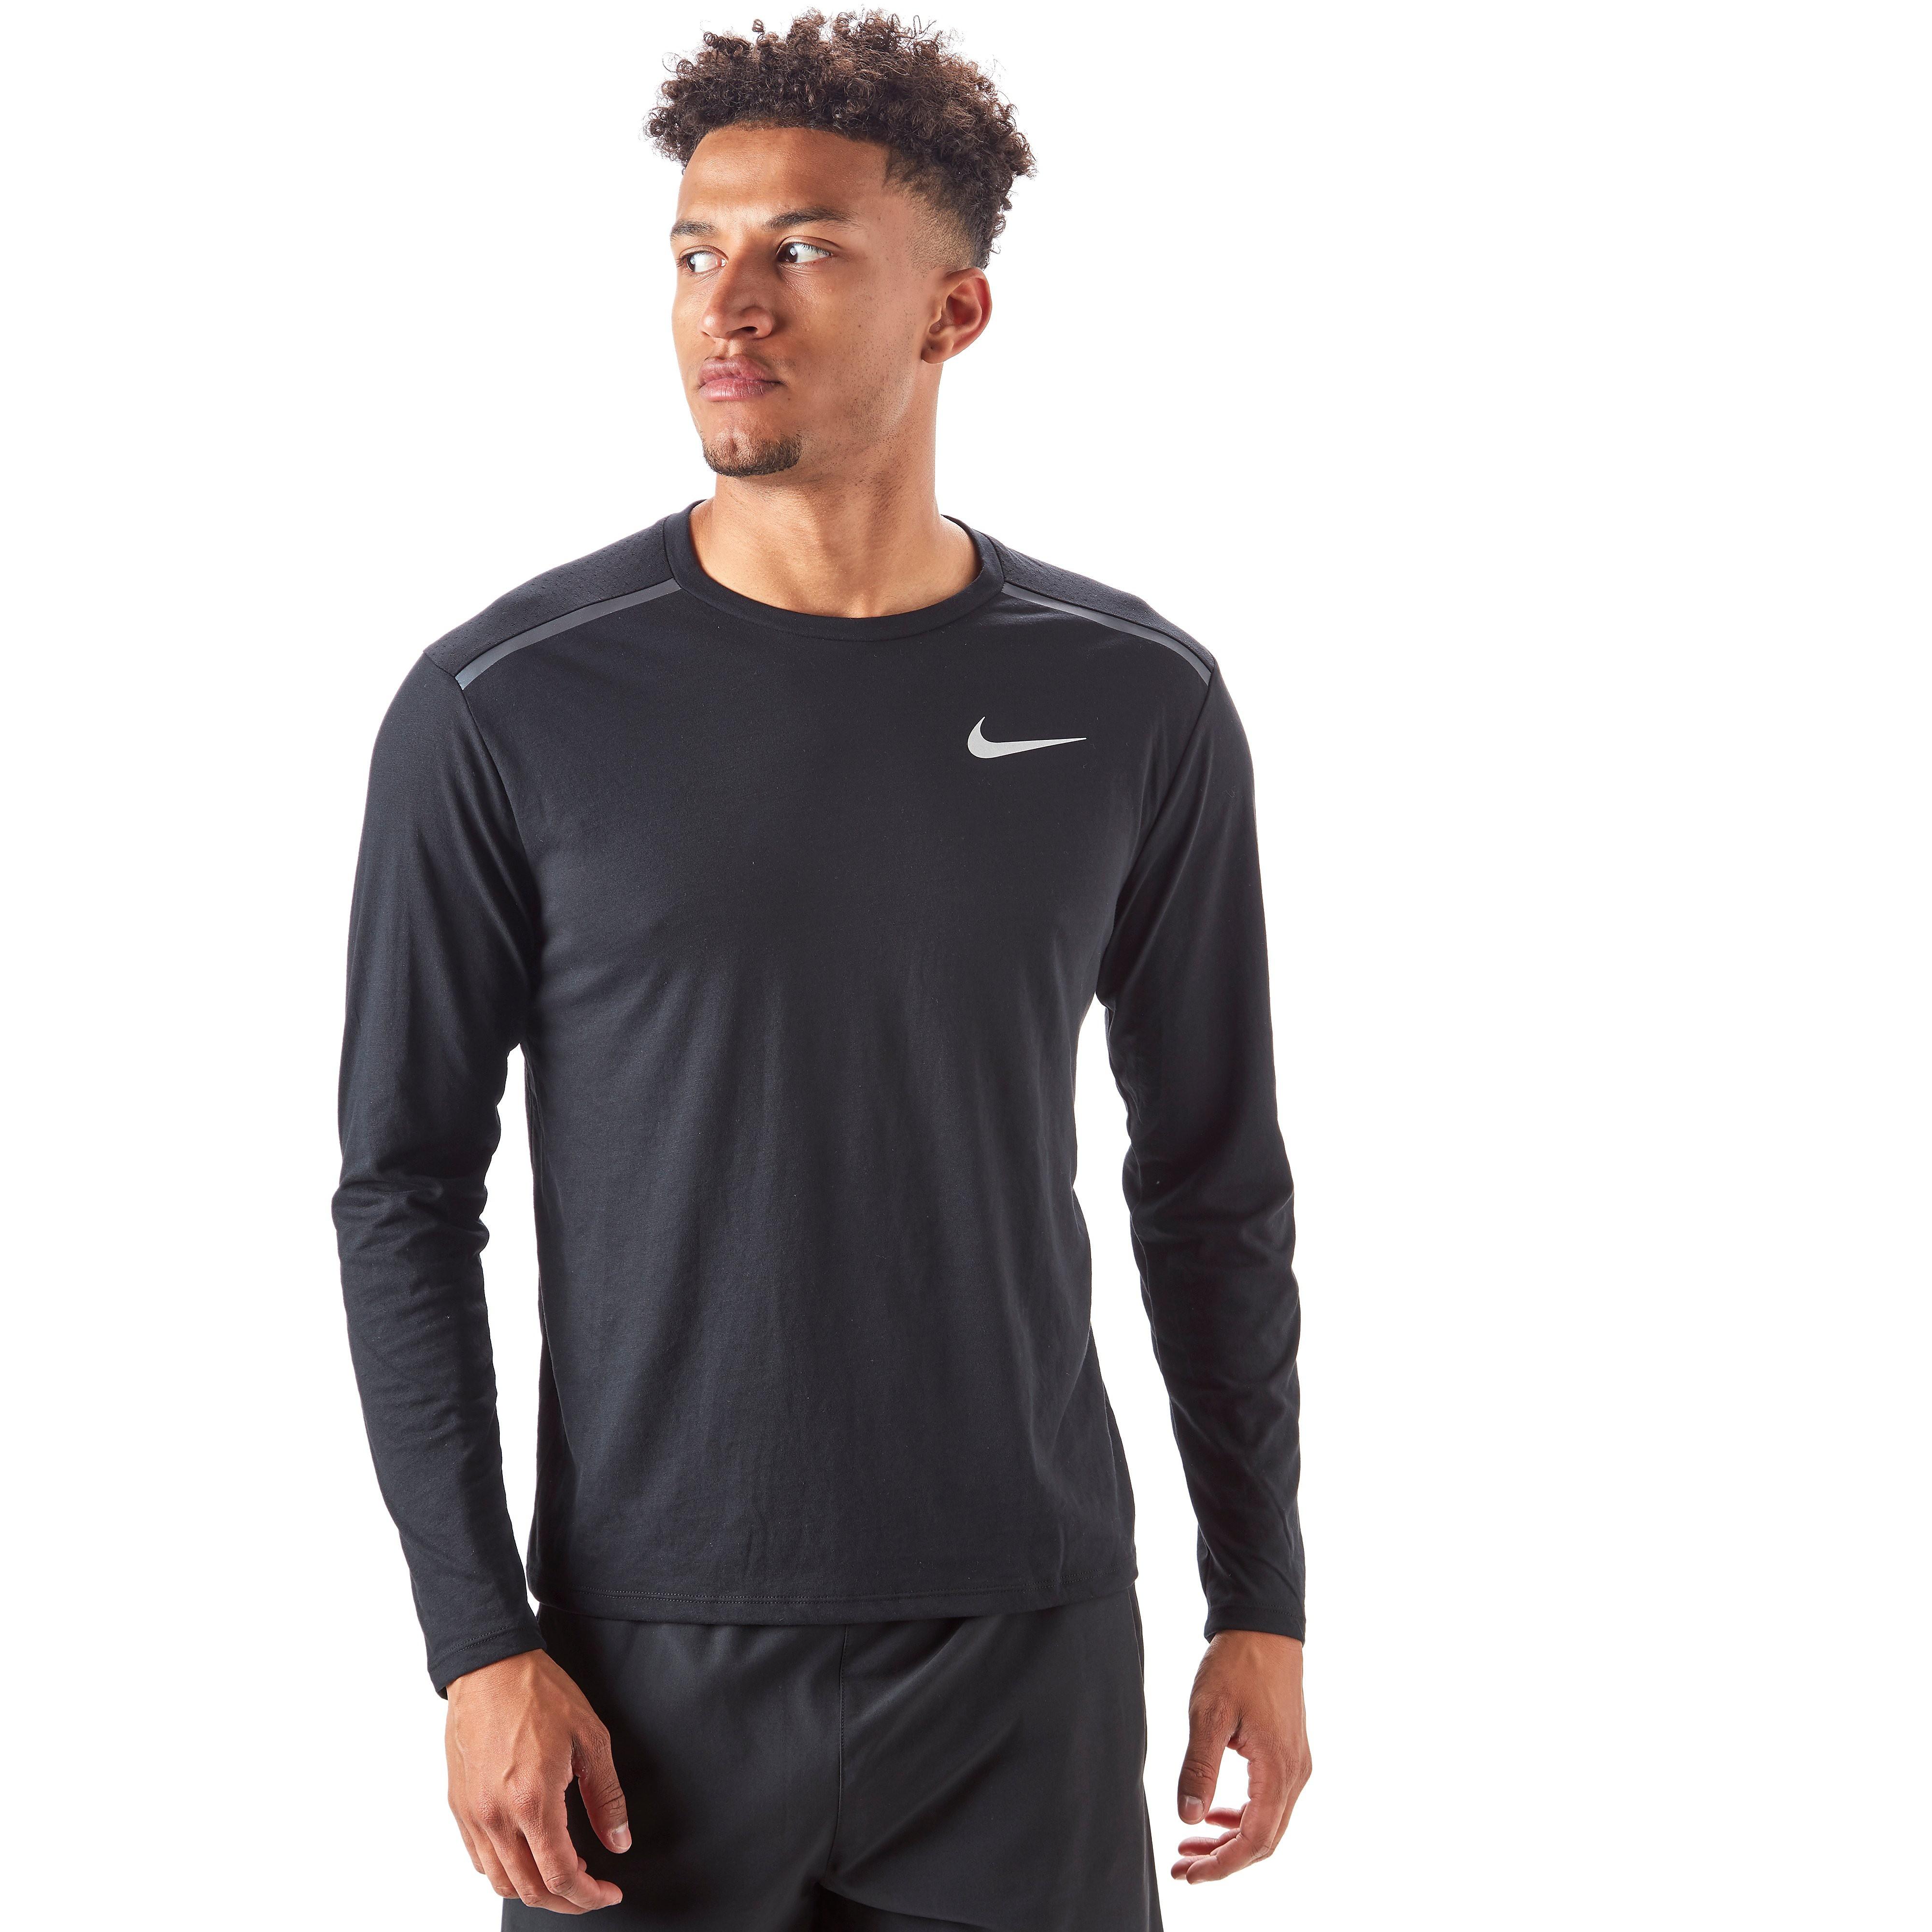 Nike Breathe Tailwind Long Sleeve Men's Top